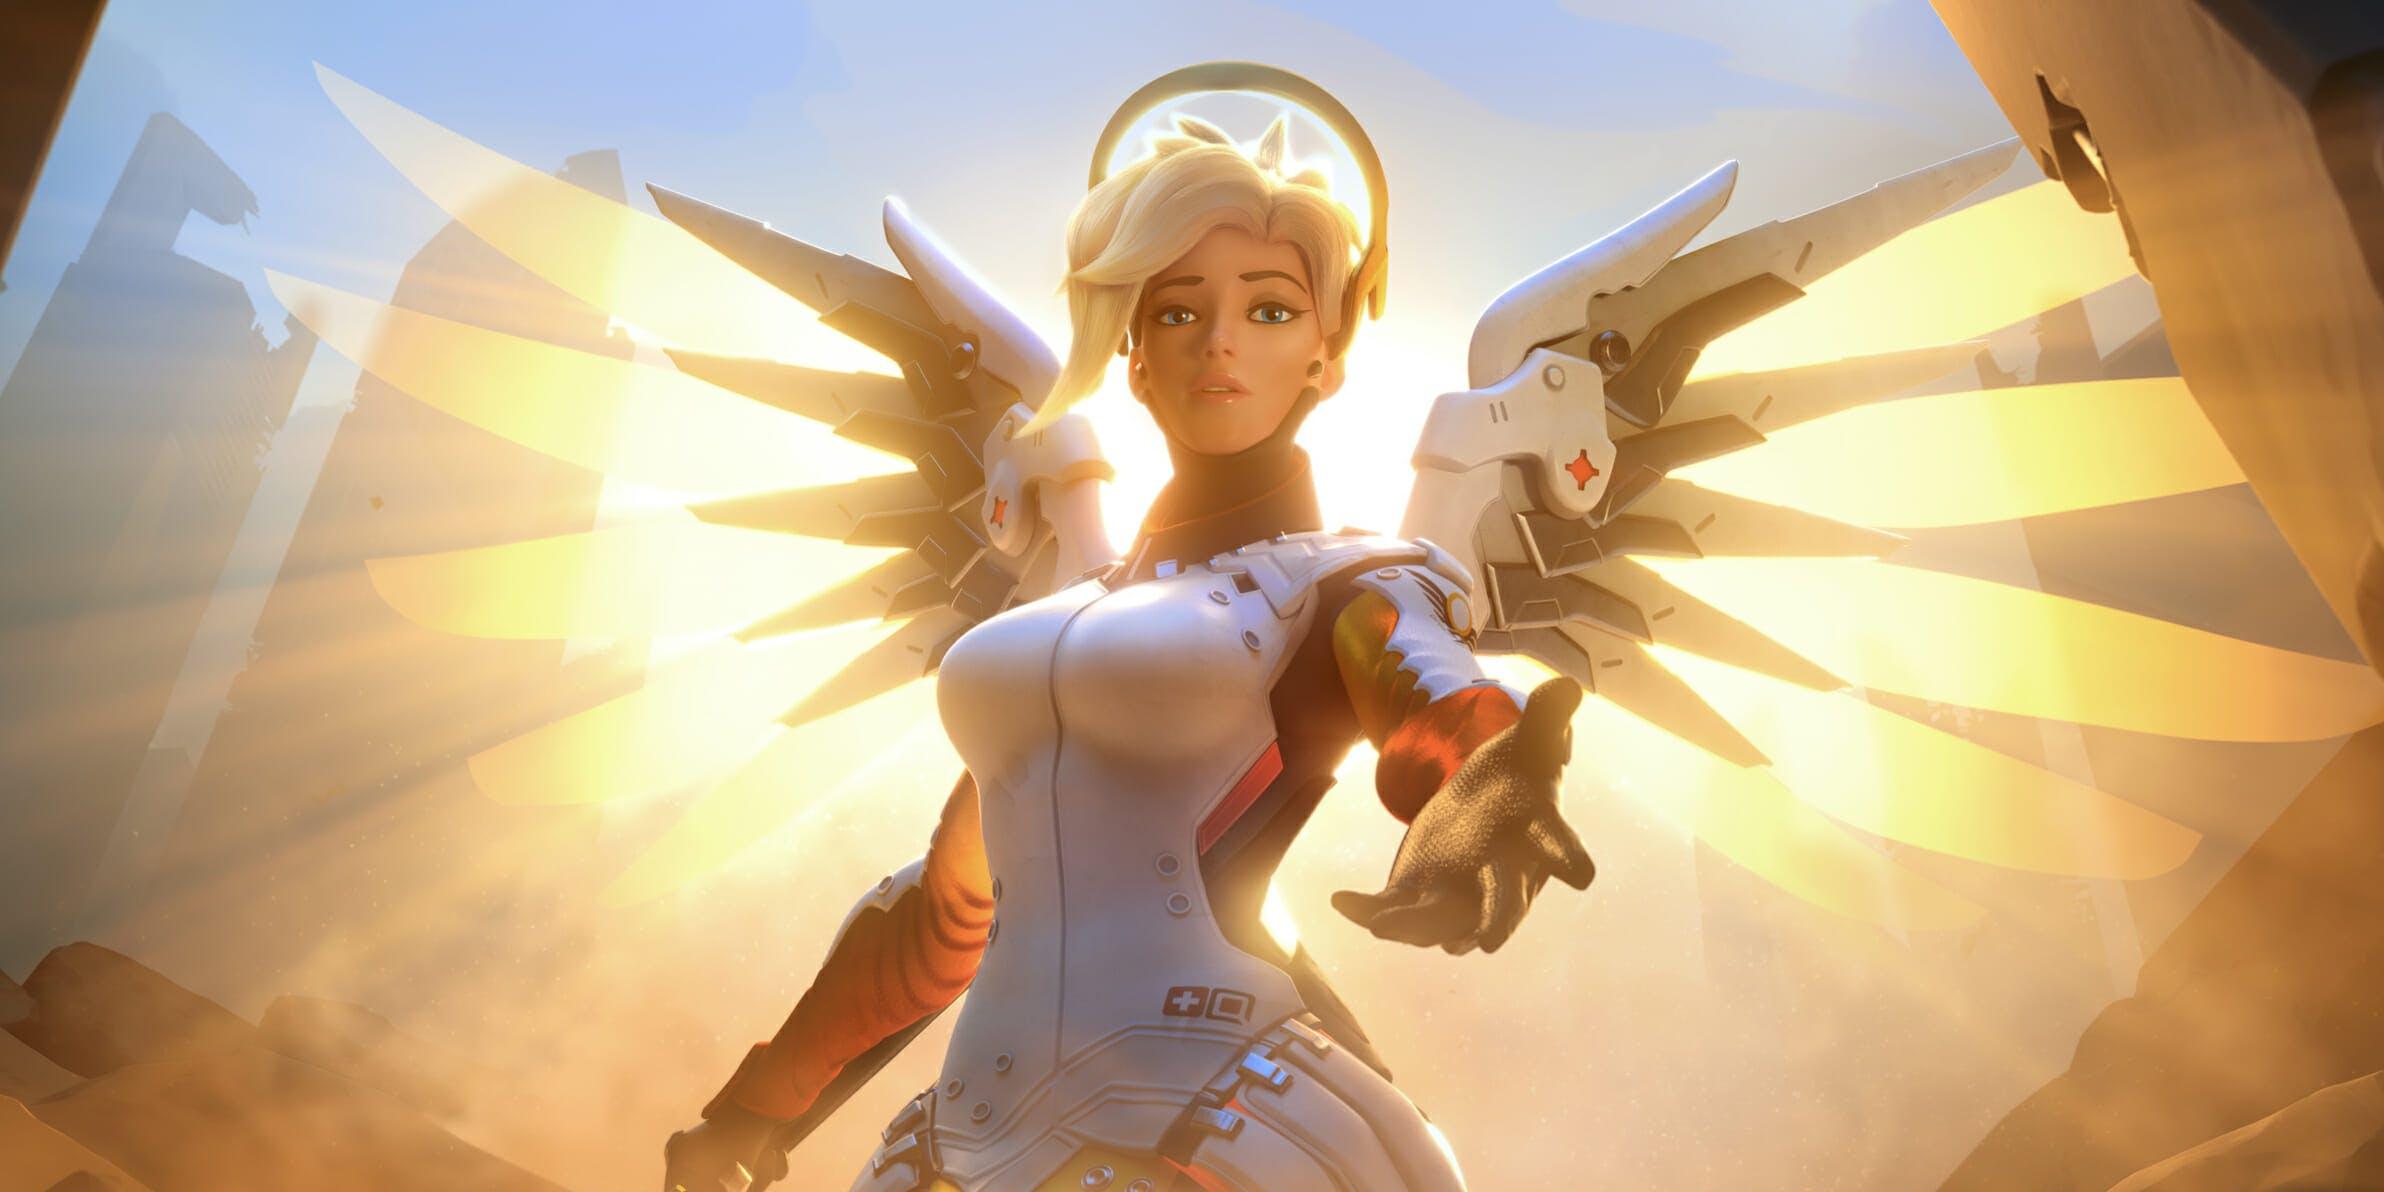 Best Overwatch Character Mercy